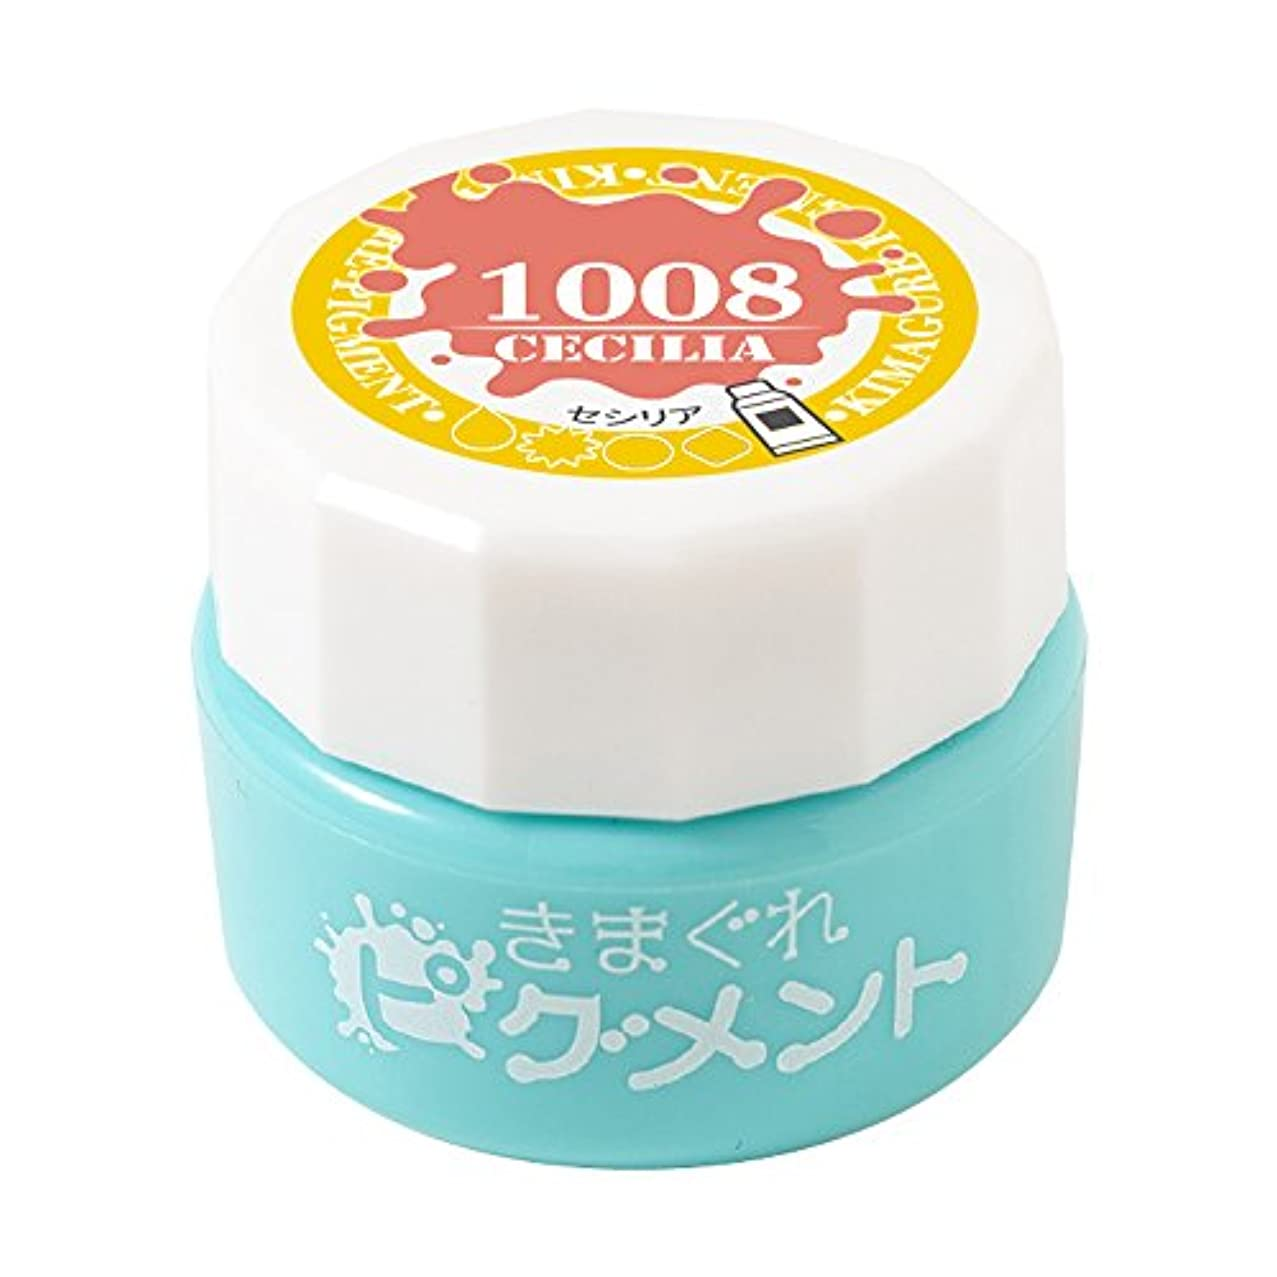 免疫男らしさ乱用Bettygel きまぐれピグメント セシリア QYJ-1008 4g UV/LED対応